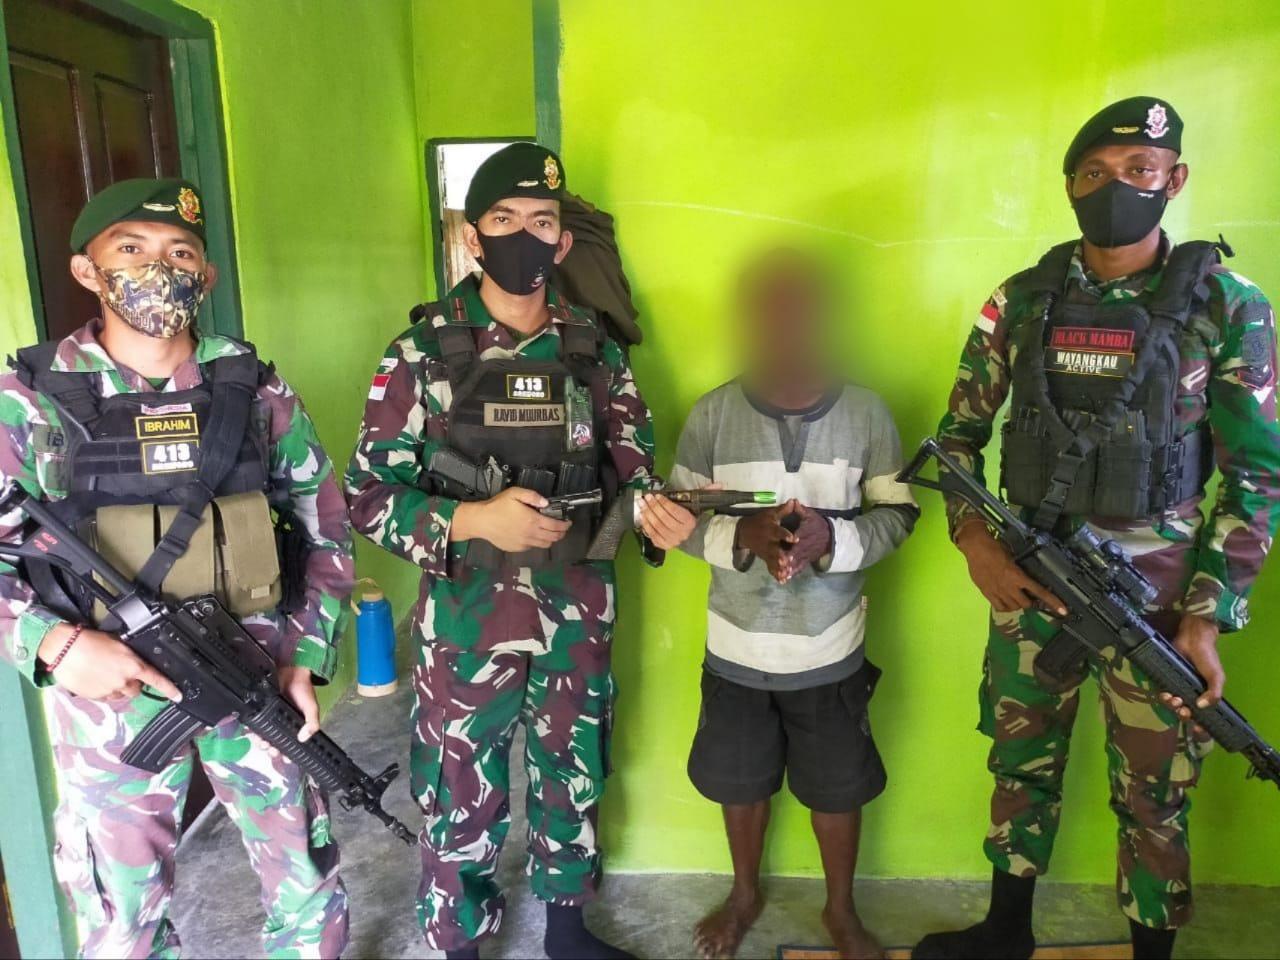 Satgas Yonif MR 413 Kostrad Terima Penyerahan 2 Pucuk Senjata Rakitan